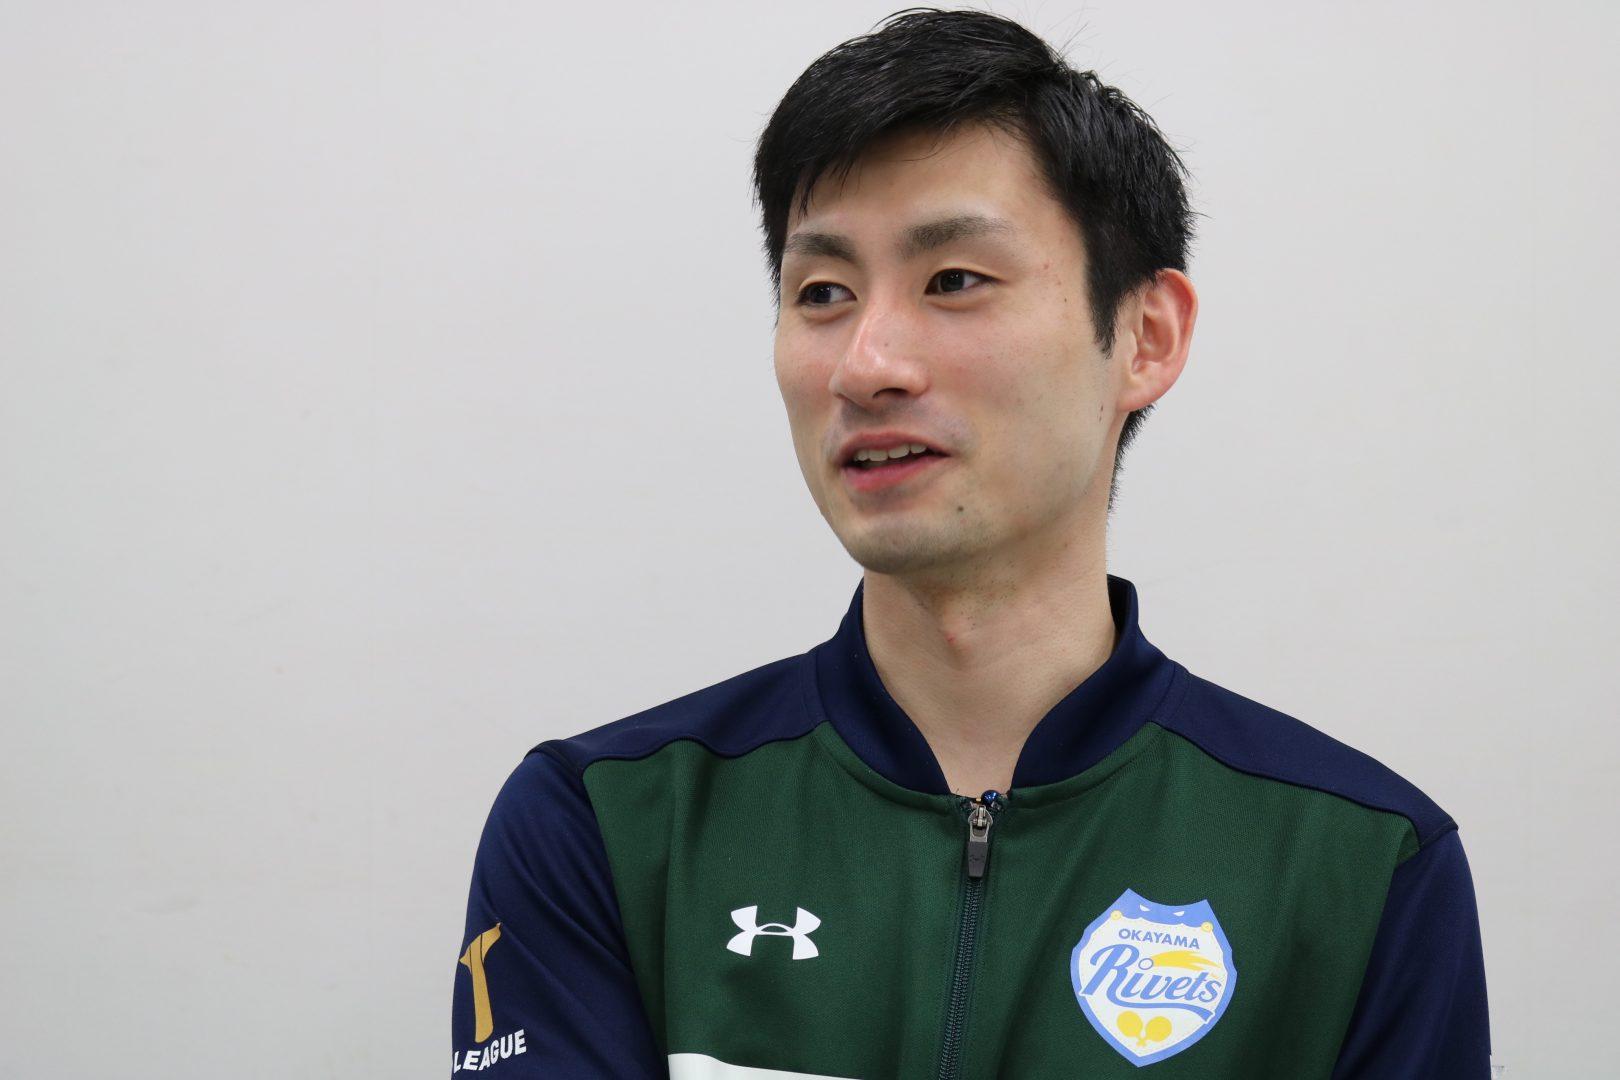 「俺もバズりたい」岡山リベッツ上田仁に聞く プロ卓球アスリートのSNS活用法